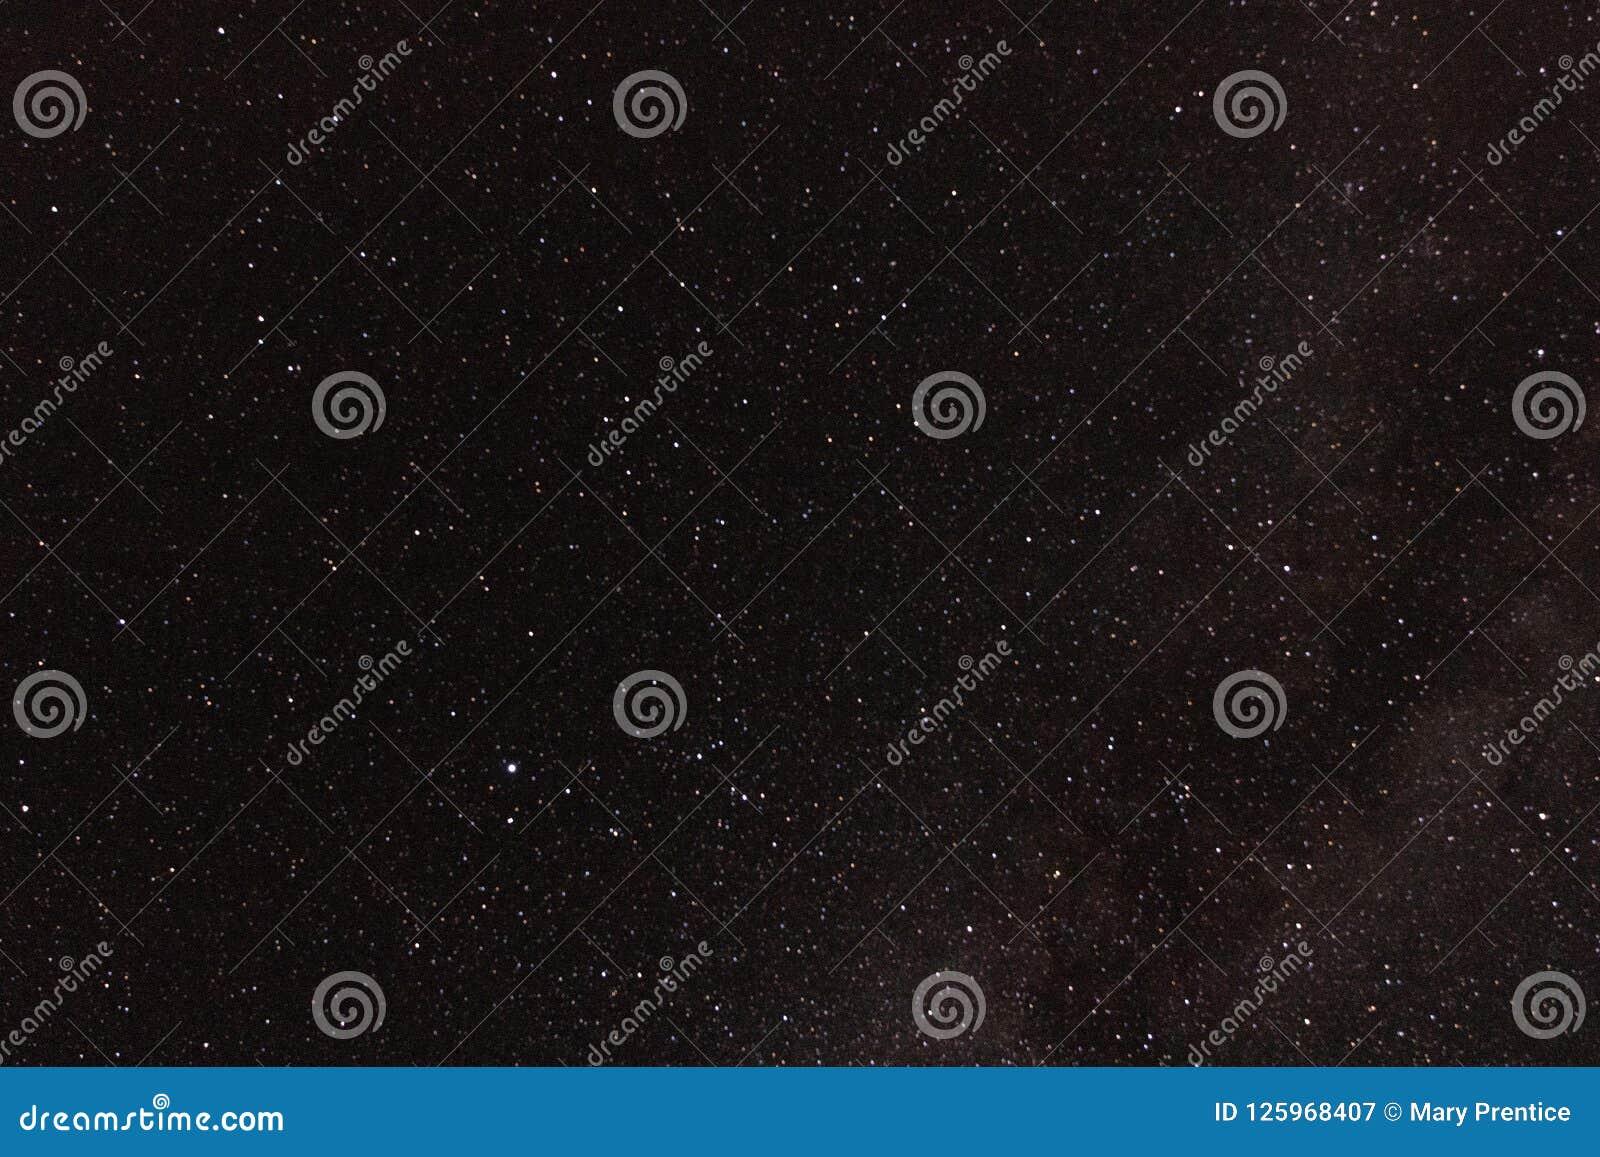 Fundo da estrela da galáxia do Astrophotography para a astronomia, o espaço ou o cosmos, um universo do céu noturno, ficção cient